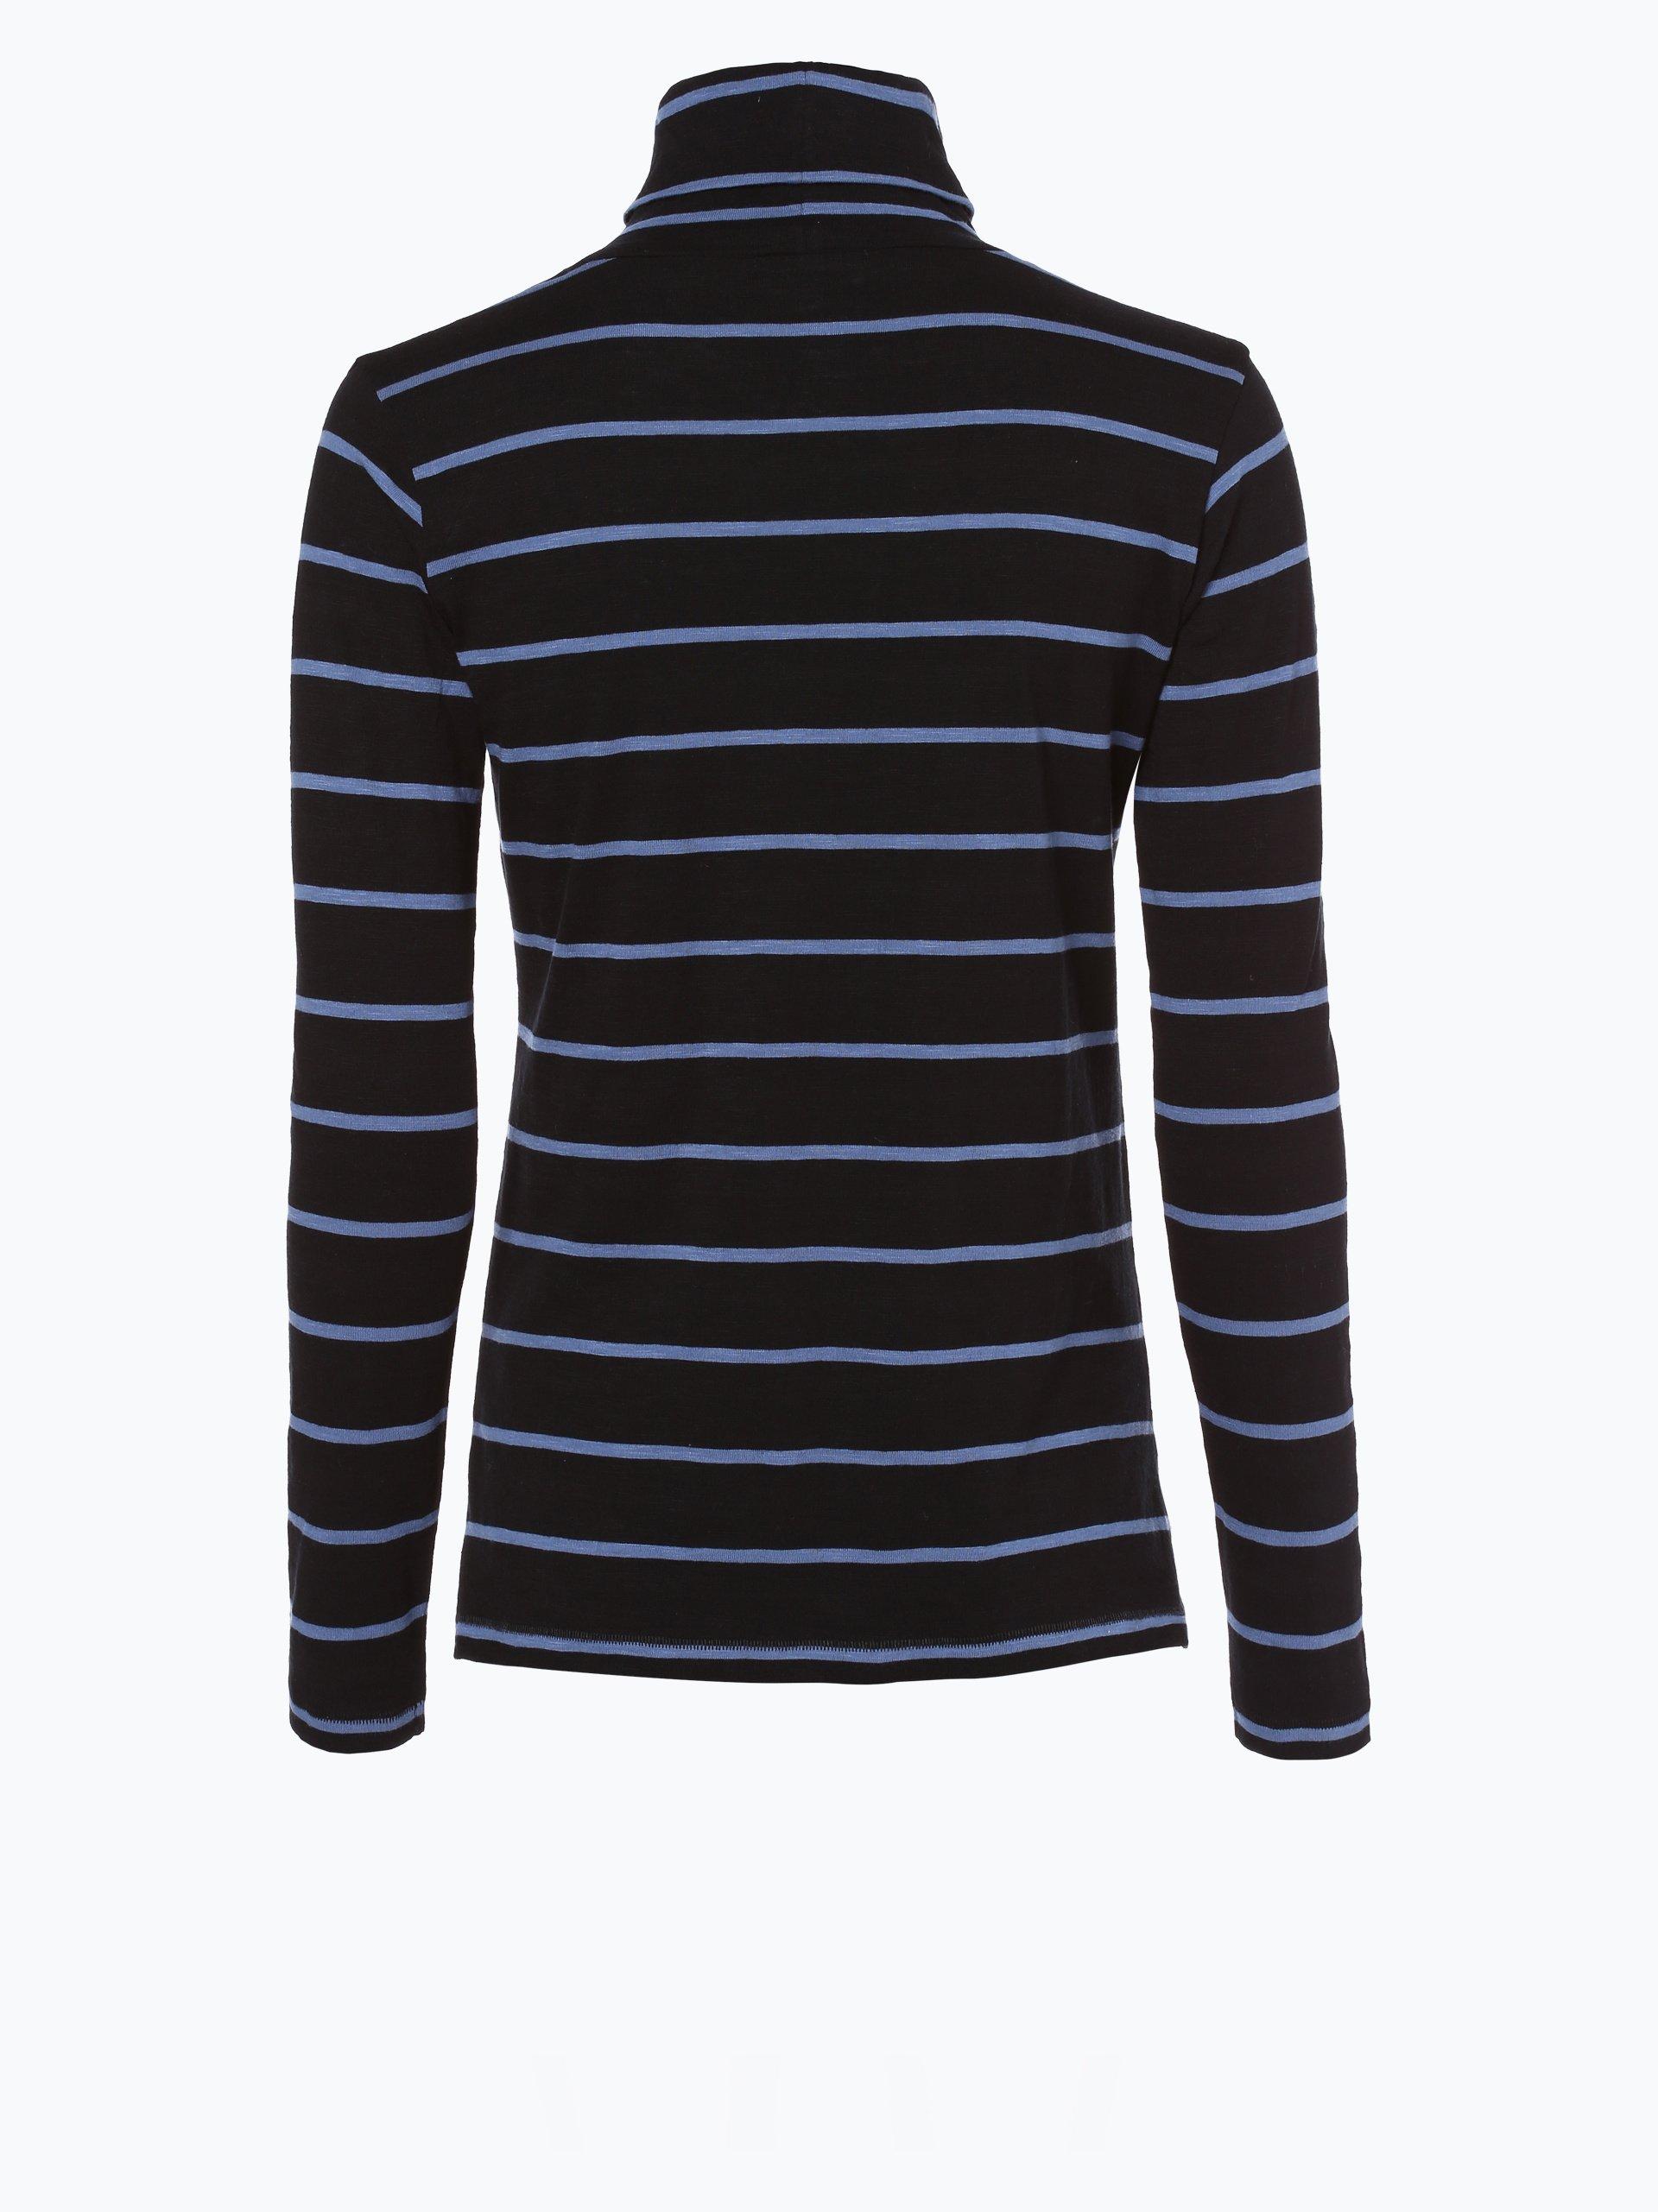 marie lund damen langarmshirt schwarz blau gestreift online kaufen peek und cloppenburg de. Black Bedroom Furniture Sets. Home Design Ideas